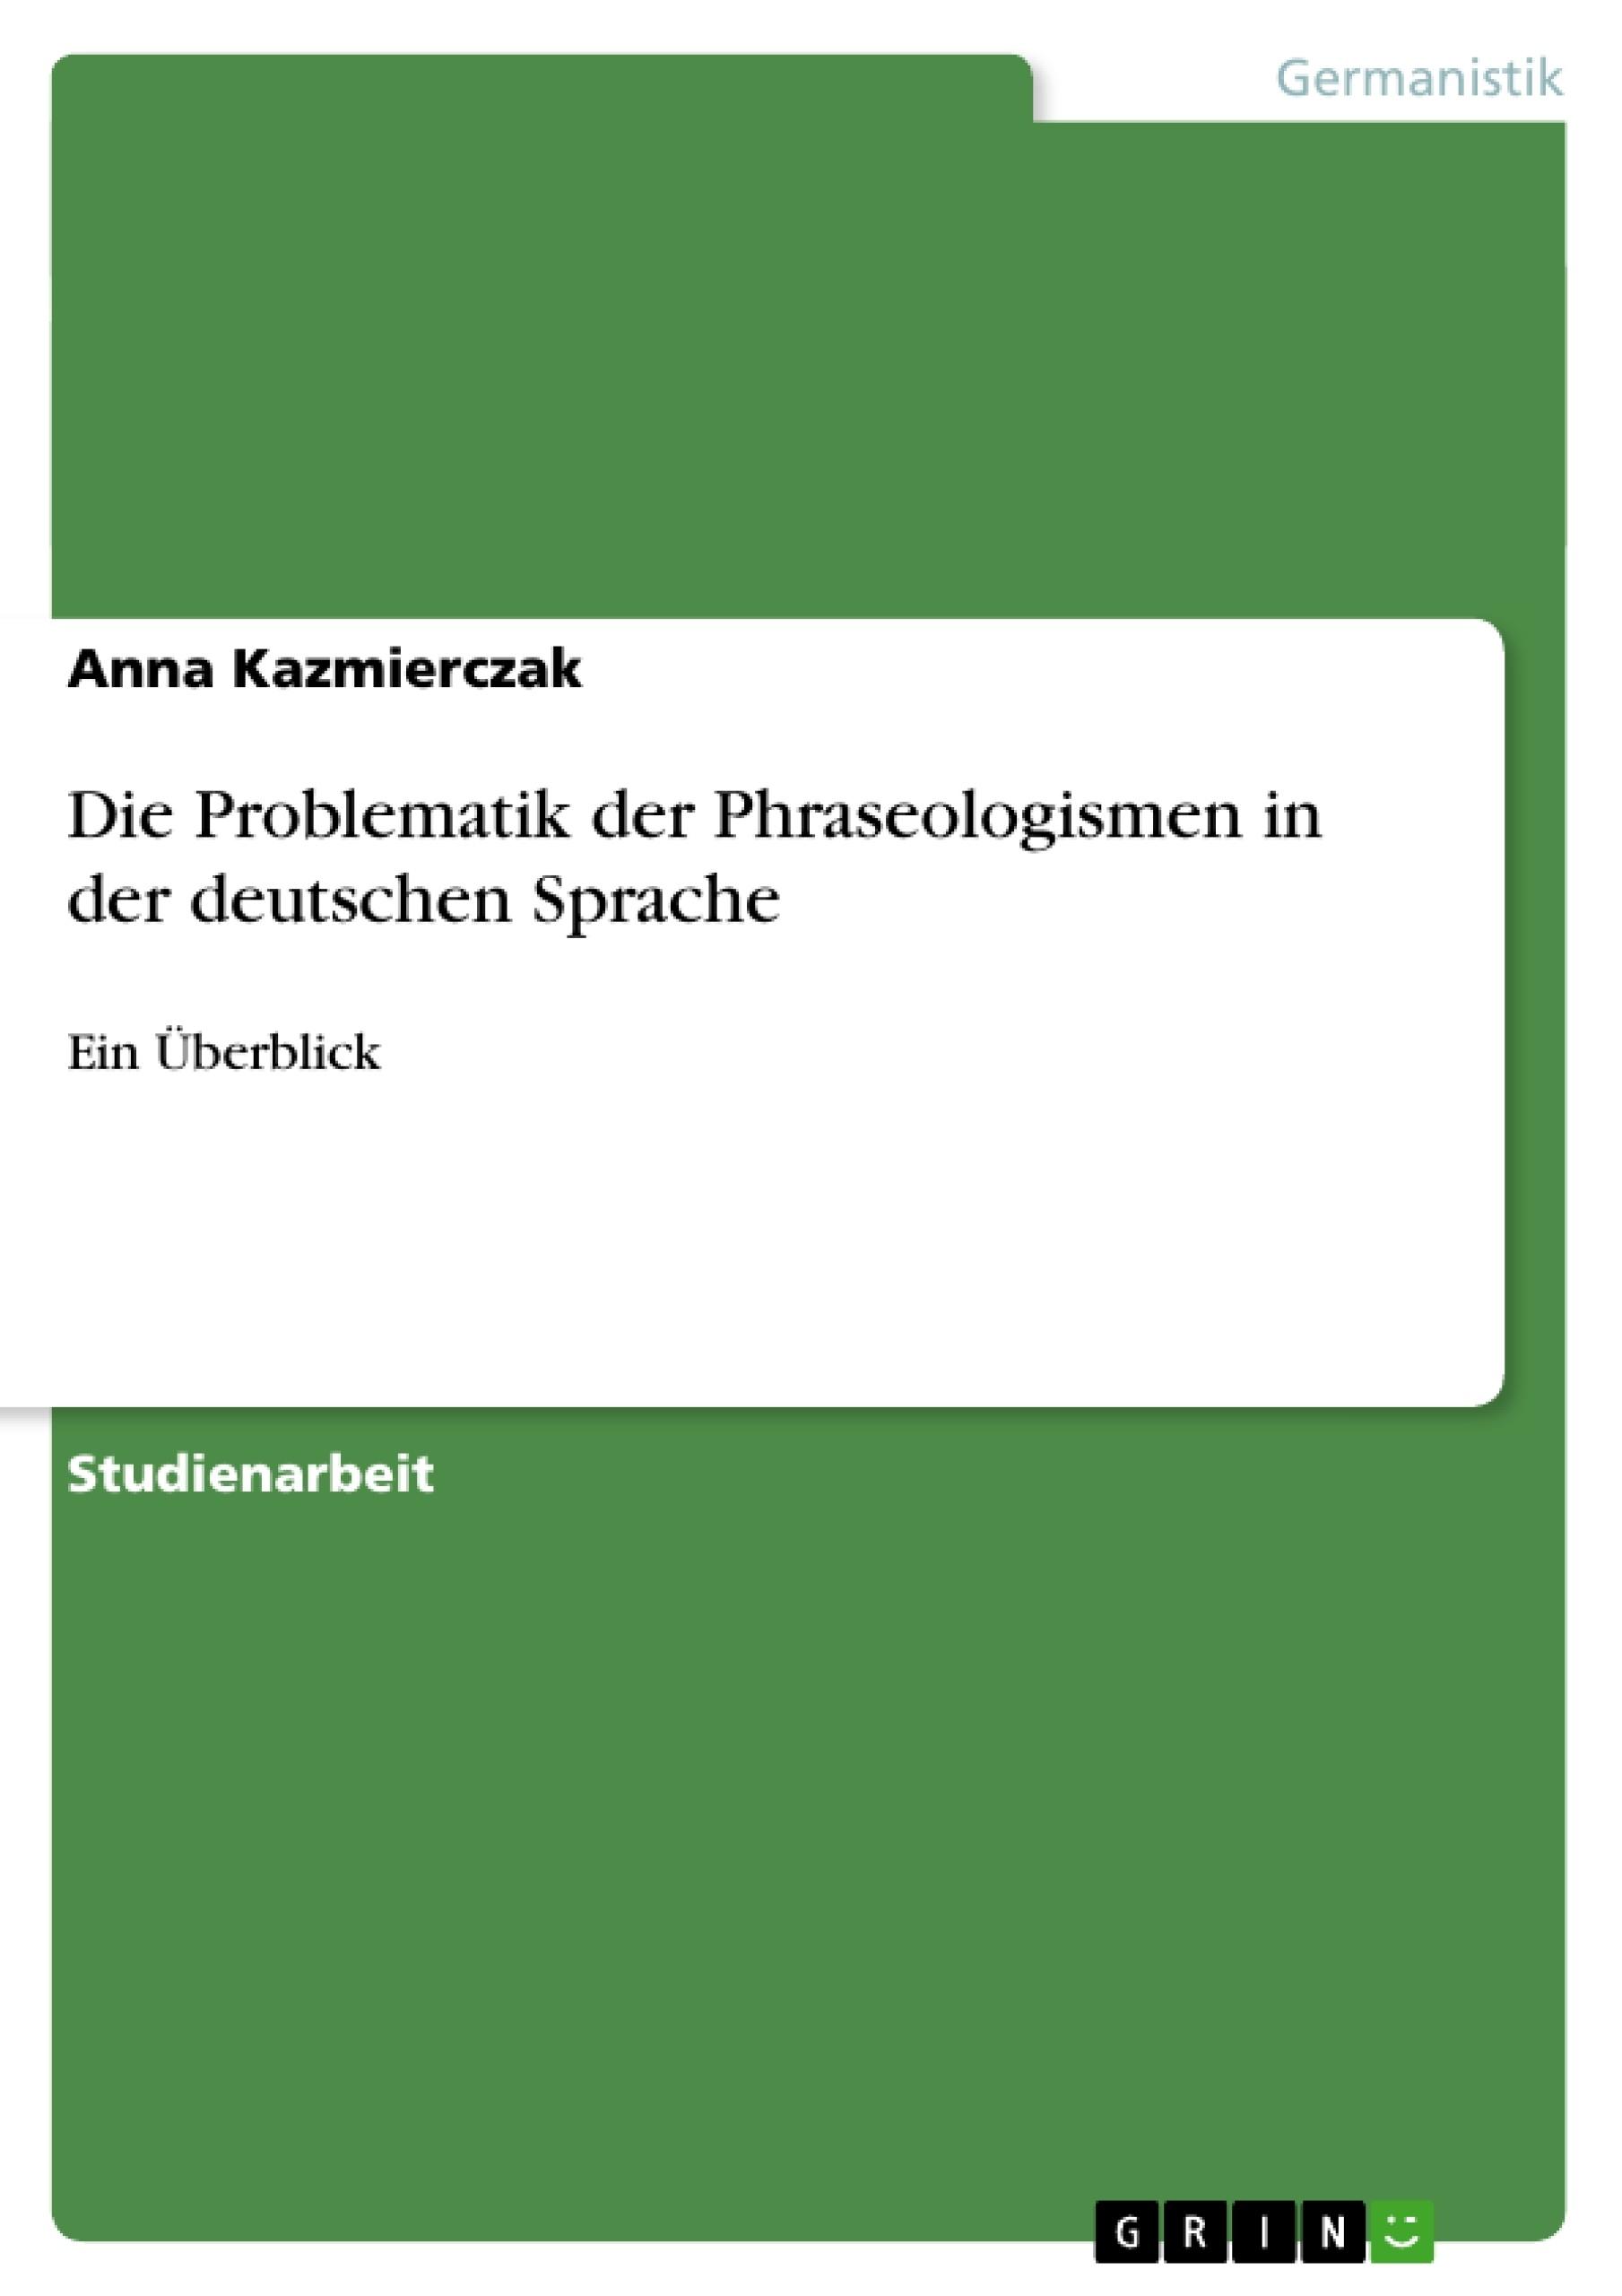 Titel: Die Problematik der Phraseologismen in der deutschen Sprache